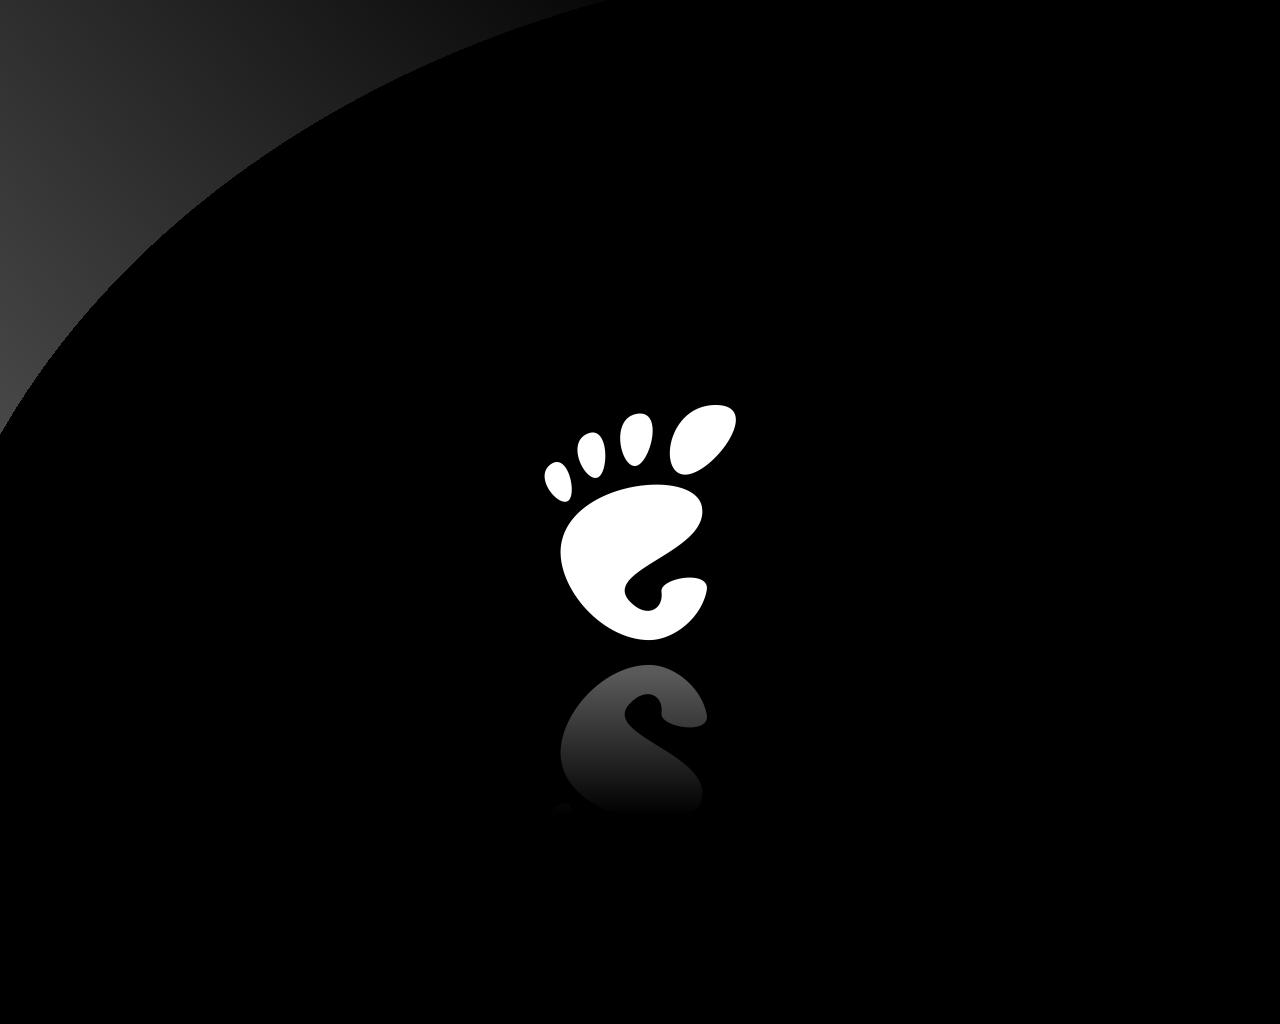 http://4.bp.blogspot.com/-z7RZbRxZtvc/TibdK32BrYI/AAAAAAAAAeg/WZ7_9m4dF38/s1600/GNOME-2-28-0-Release-Candidate-Awaiting-Public-Scrutiny-2.jpg